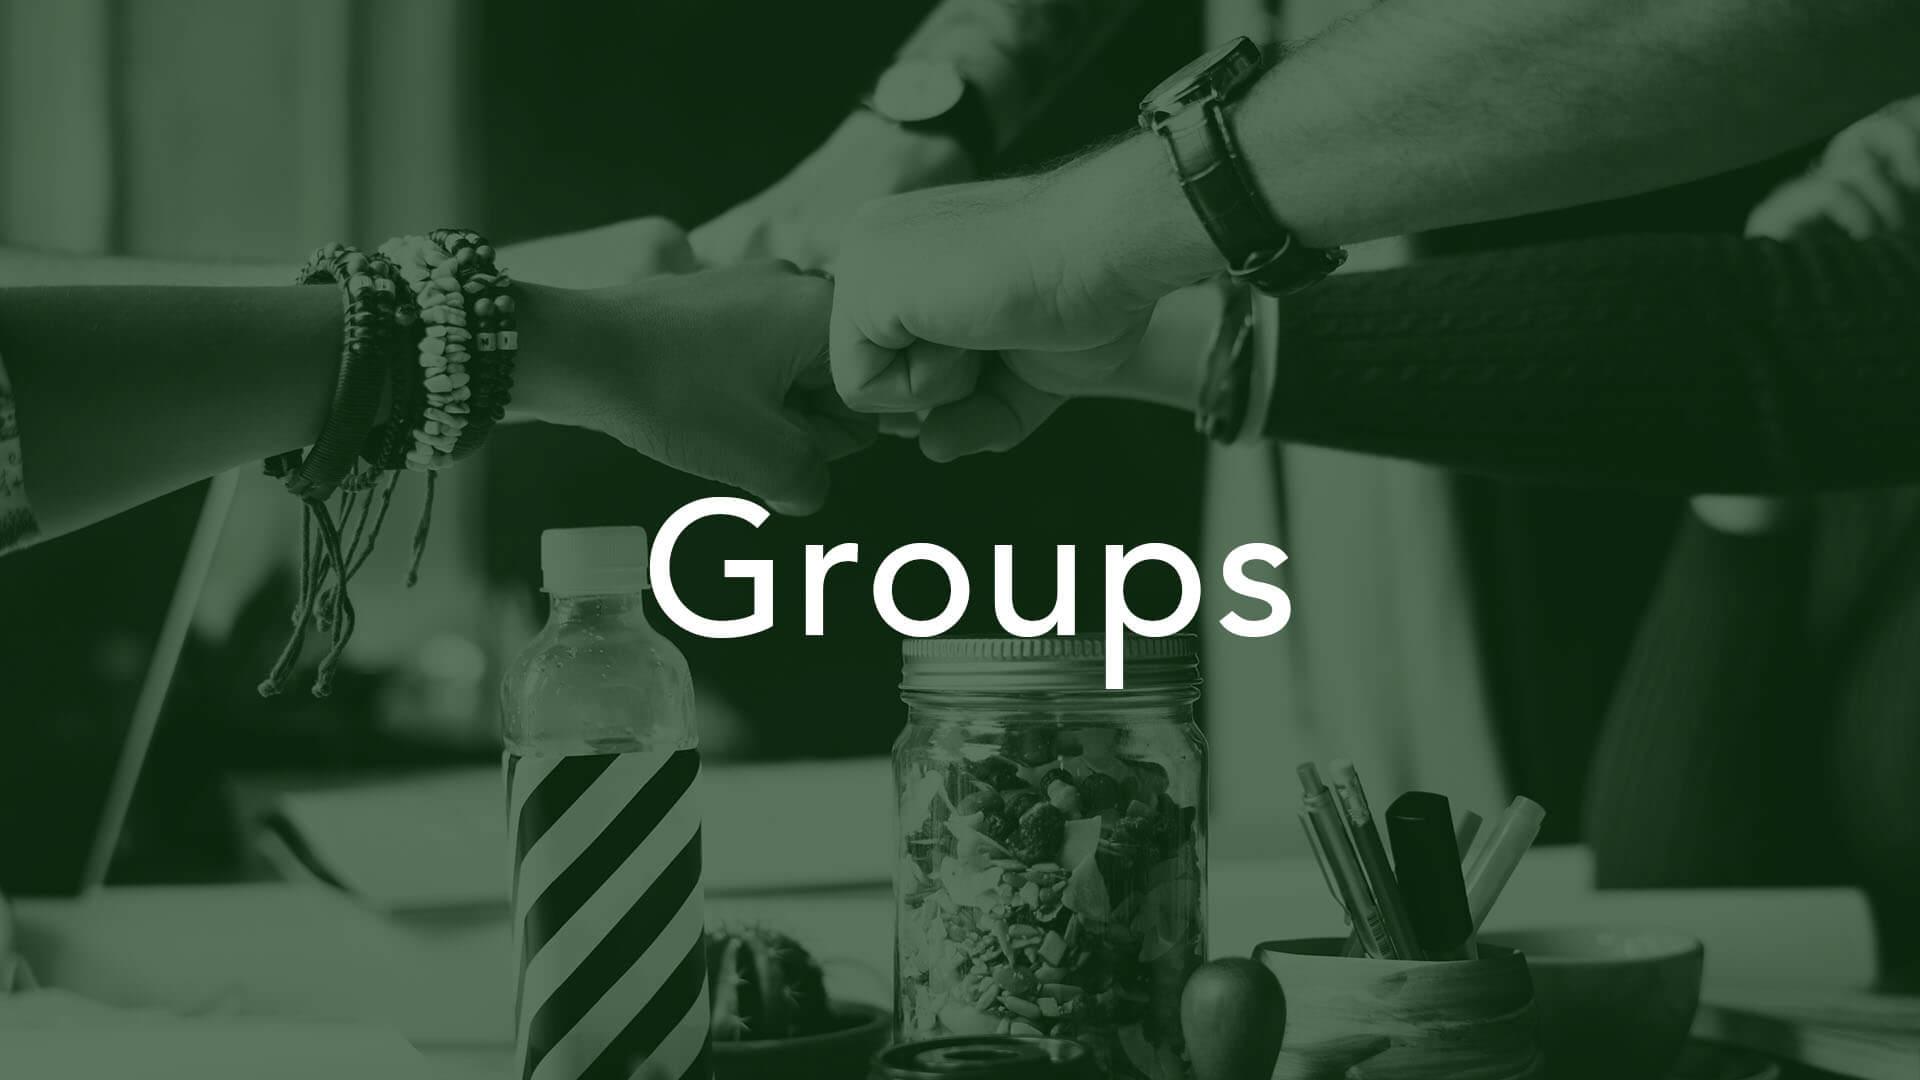 Groupsdark